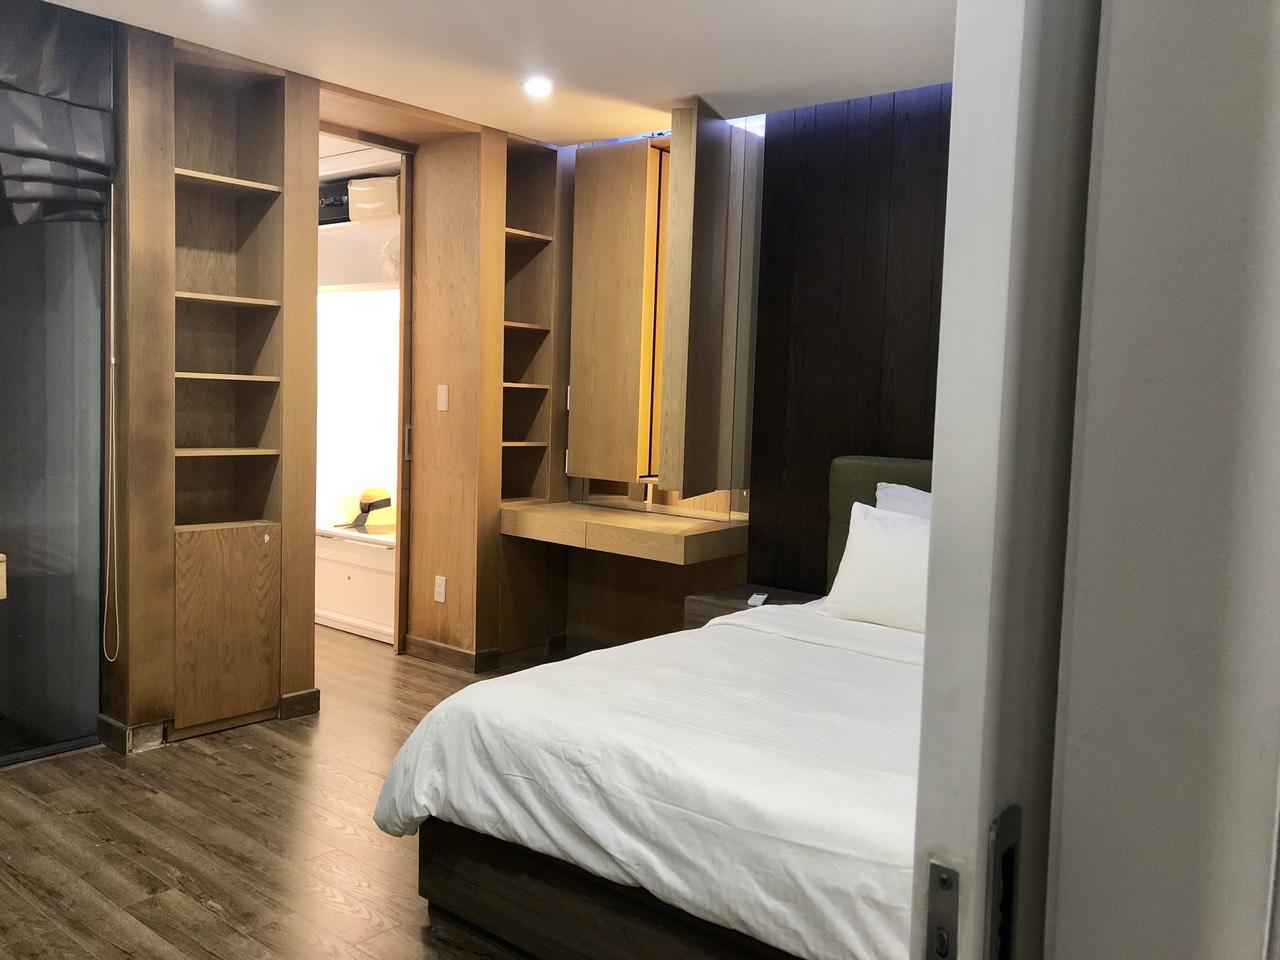 Cho Thuê 1 PN Nguyen Thi Minh Khai D1 Serviced Apartment - Đầy Đủ Nội Thất & Ấm Cúng -8